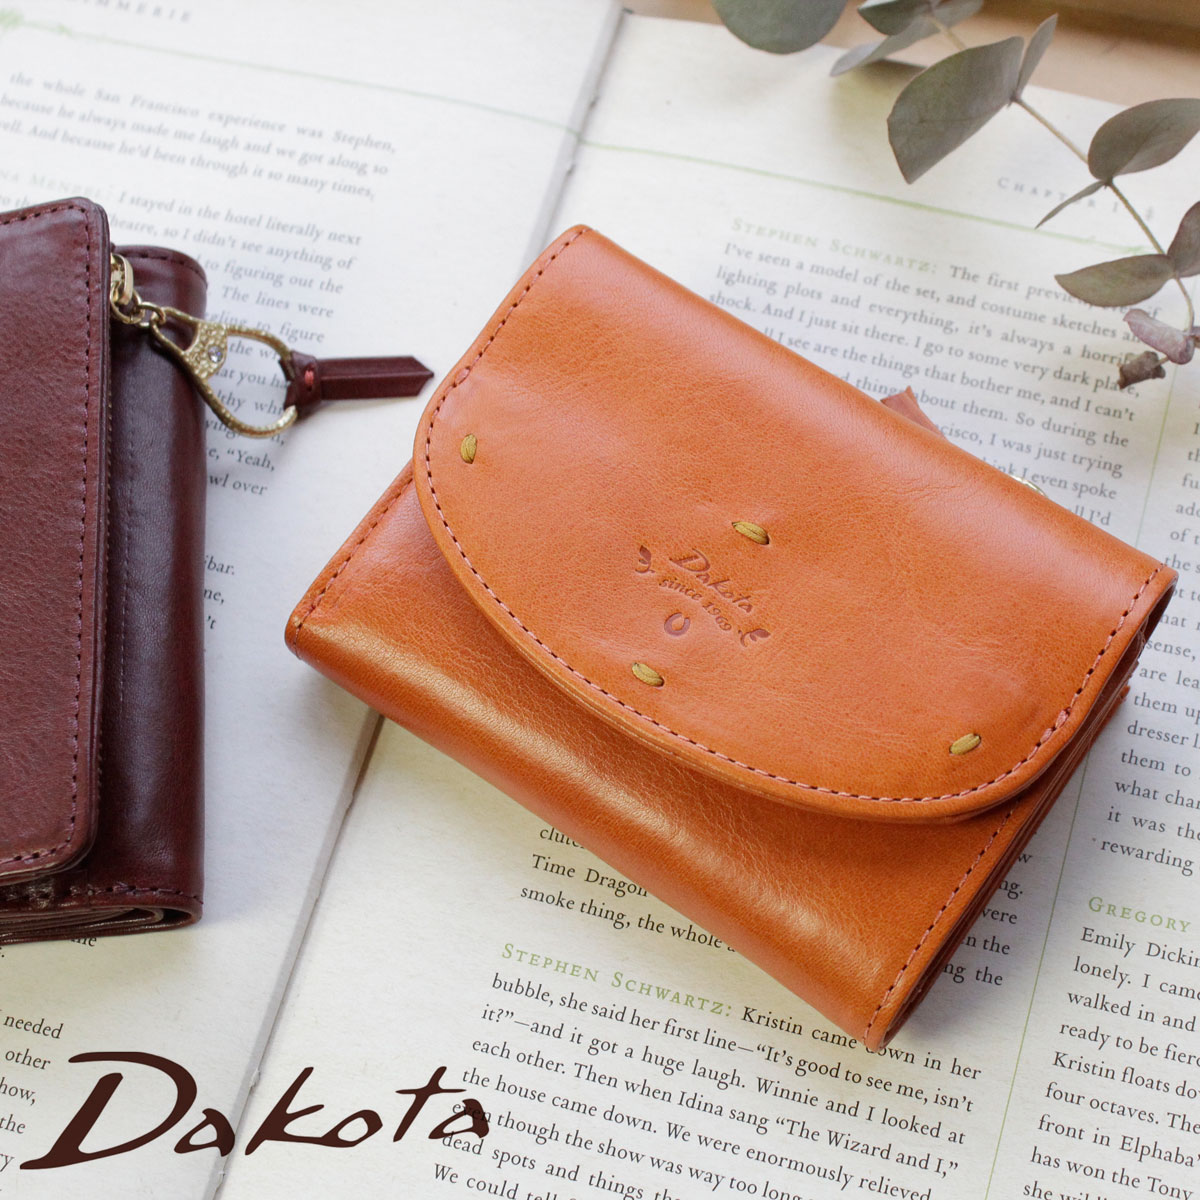 【選べるノベルティ大好評】Dakota ダコタ カッシーニ 3折財布 ミニ財布 コンパクト財布 0036048【店頭受取対応商品】